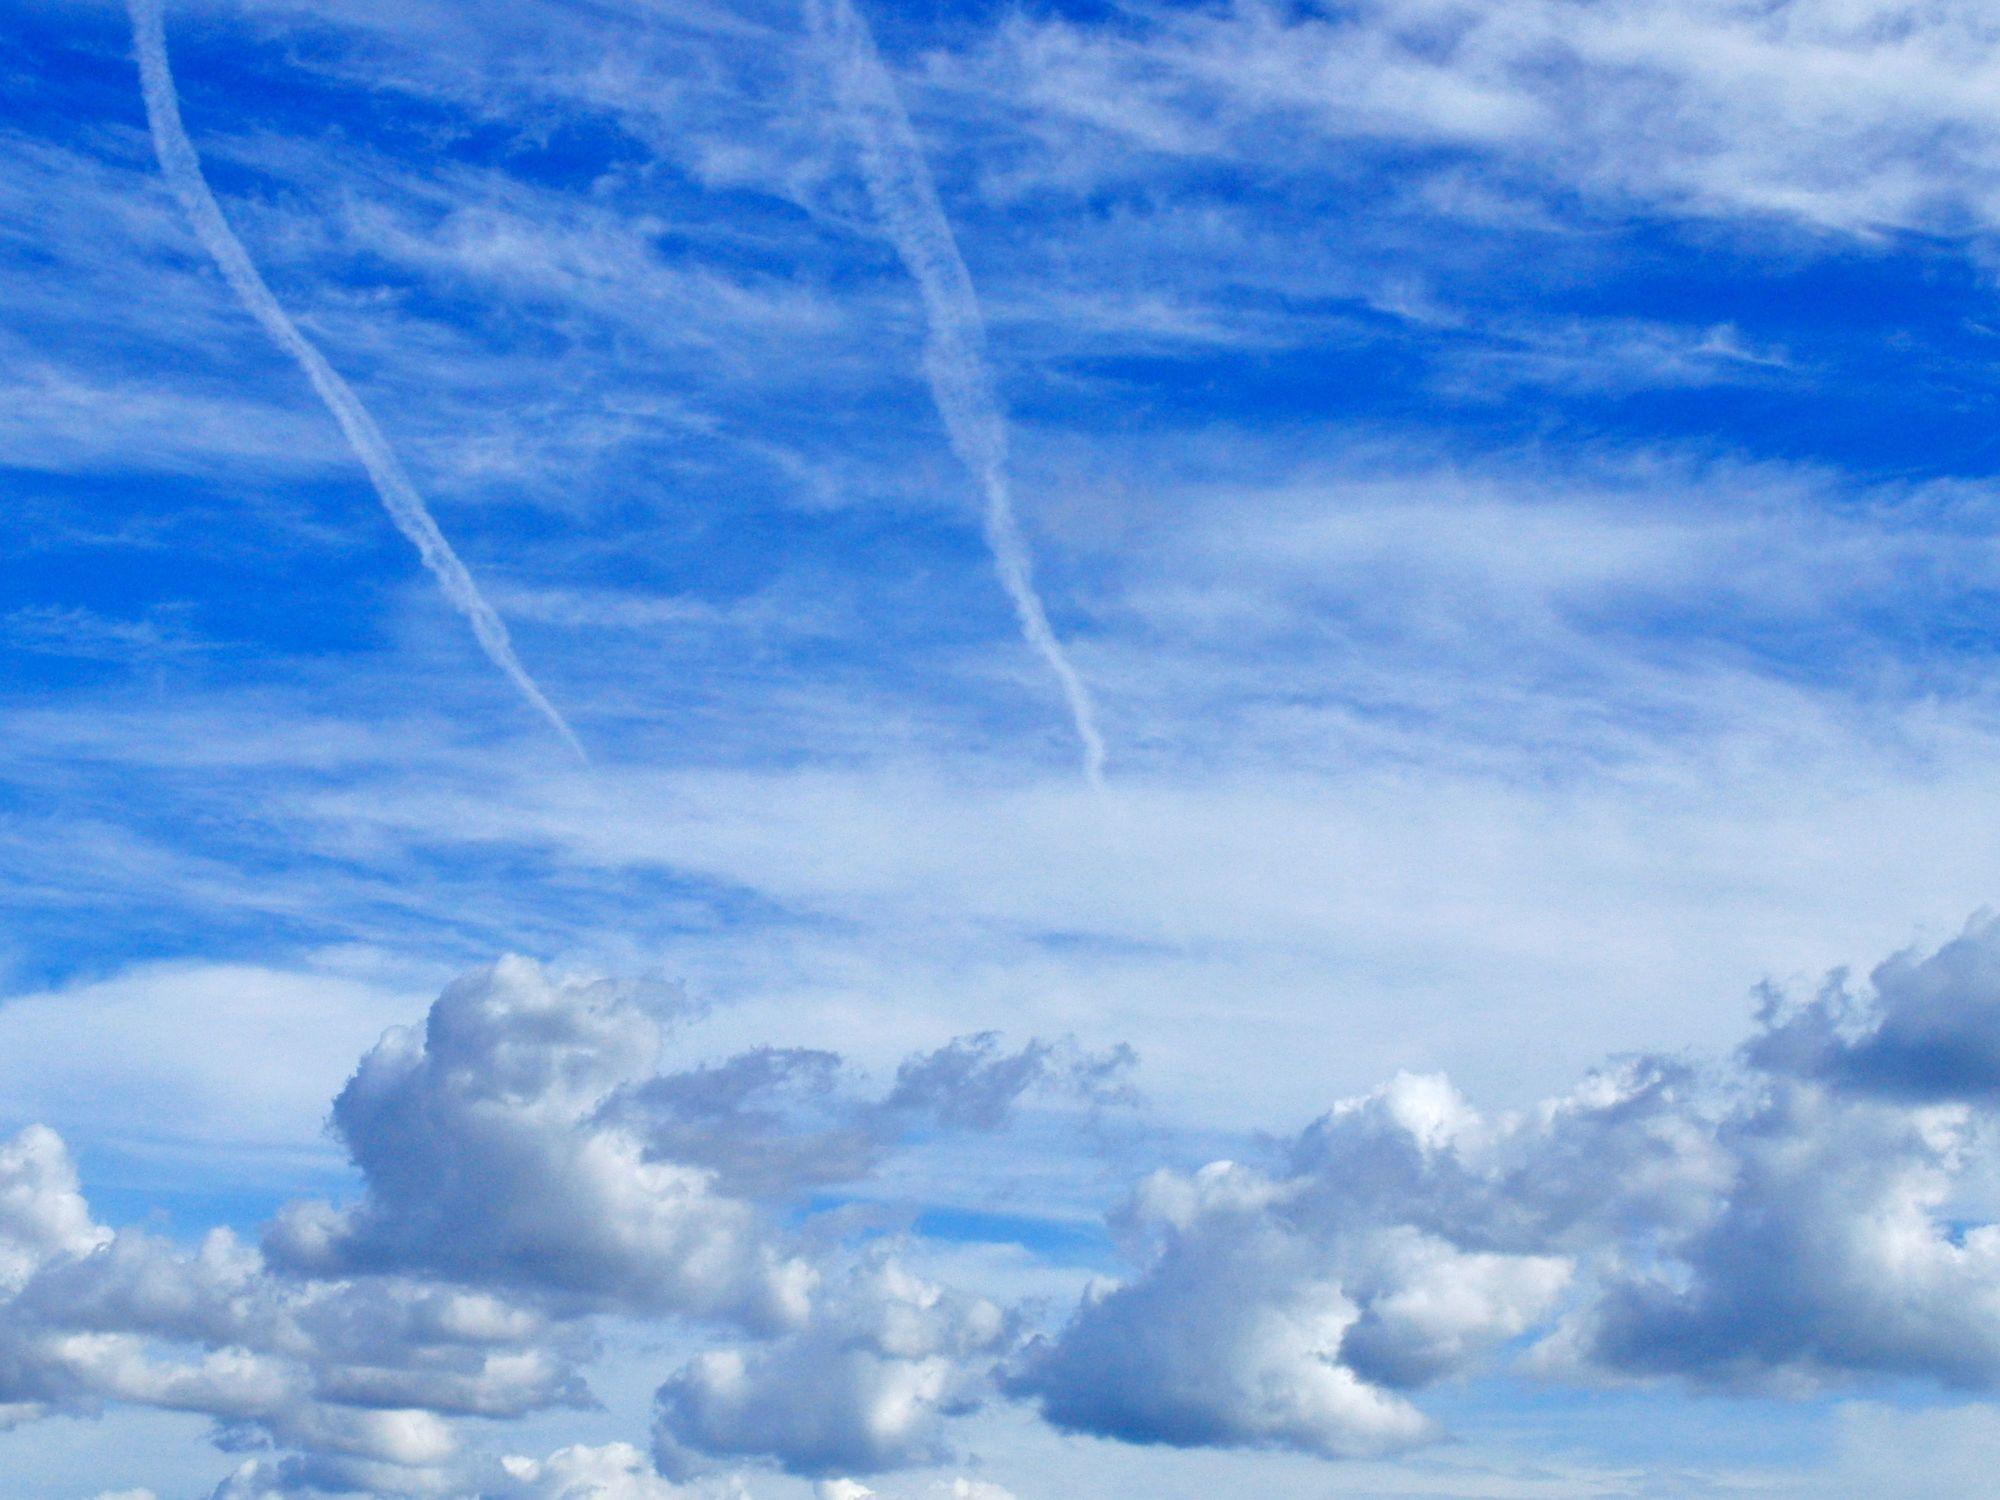 Bild mit Farben, Natur, Himmel, Wolken, Tageslicht, Blau, Azurblau, Wolkenhimmel, Wolkengebilde, Sky, Blauer Himmel, Wolkenstruktur, Sky view, Himmelsblick, Wolkenblick